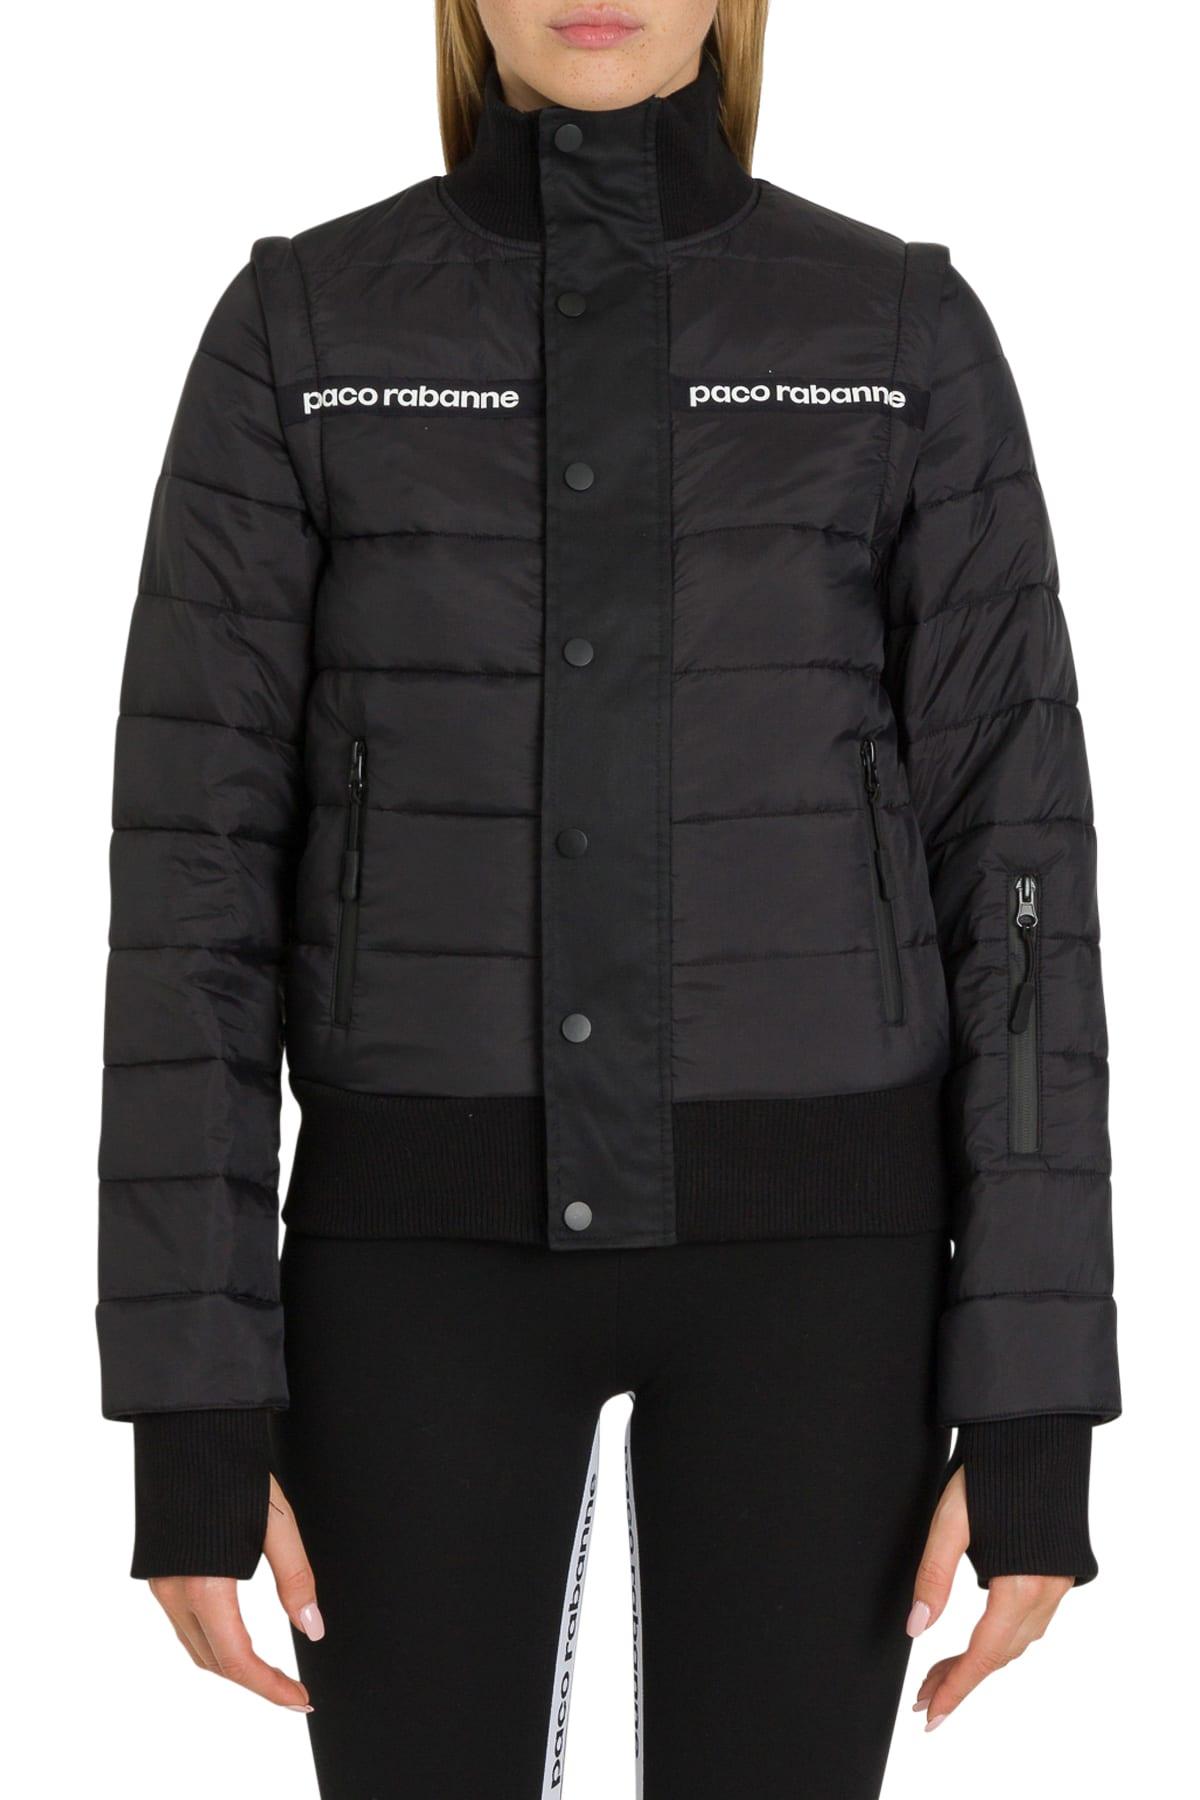 Paco Rabanne Font Logo Taping Puffer Jacket